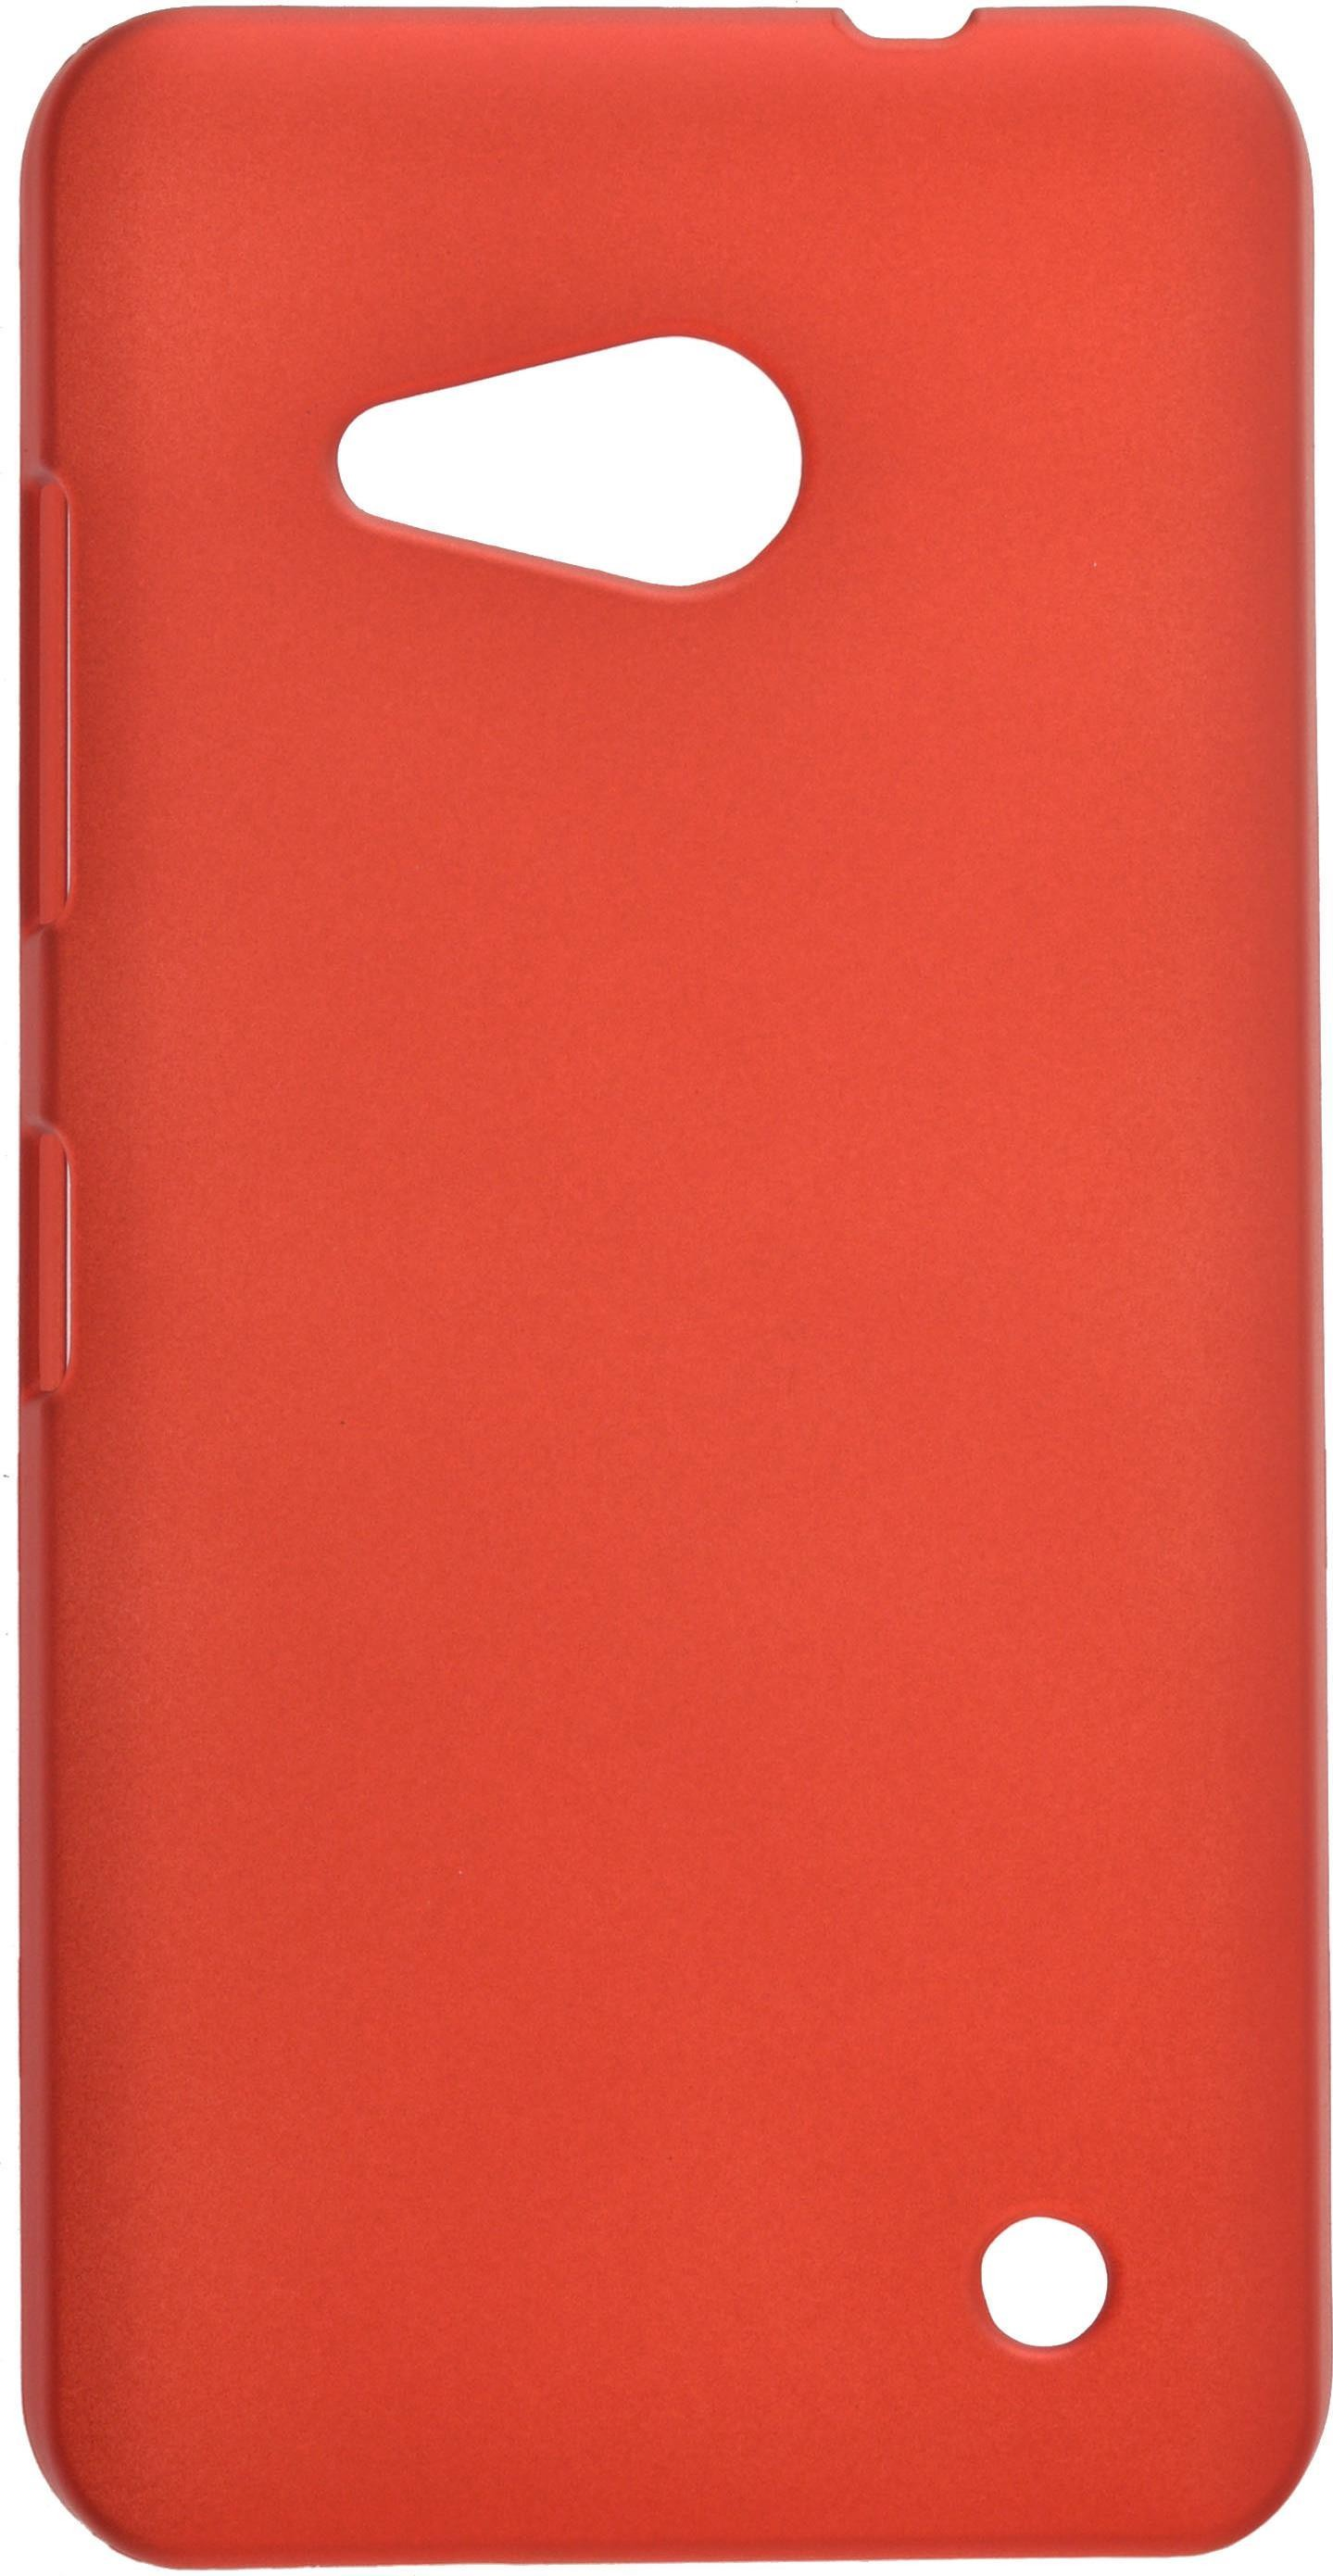 Чехол для сотового телефона skinBOX 4People, 4660041407150, красный чехол для lenovo a2010 skinbox 4people shield case черный